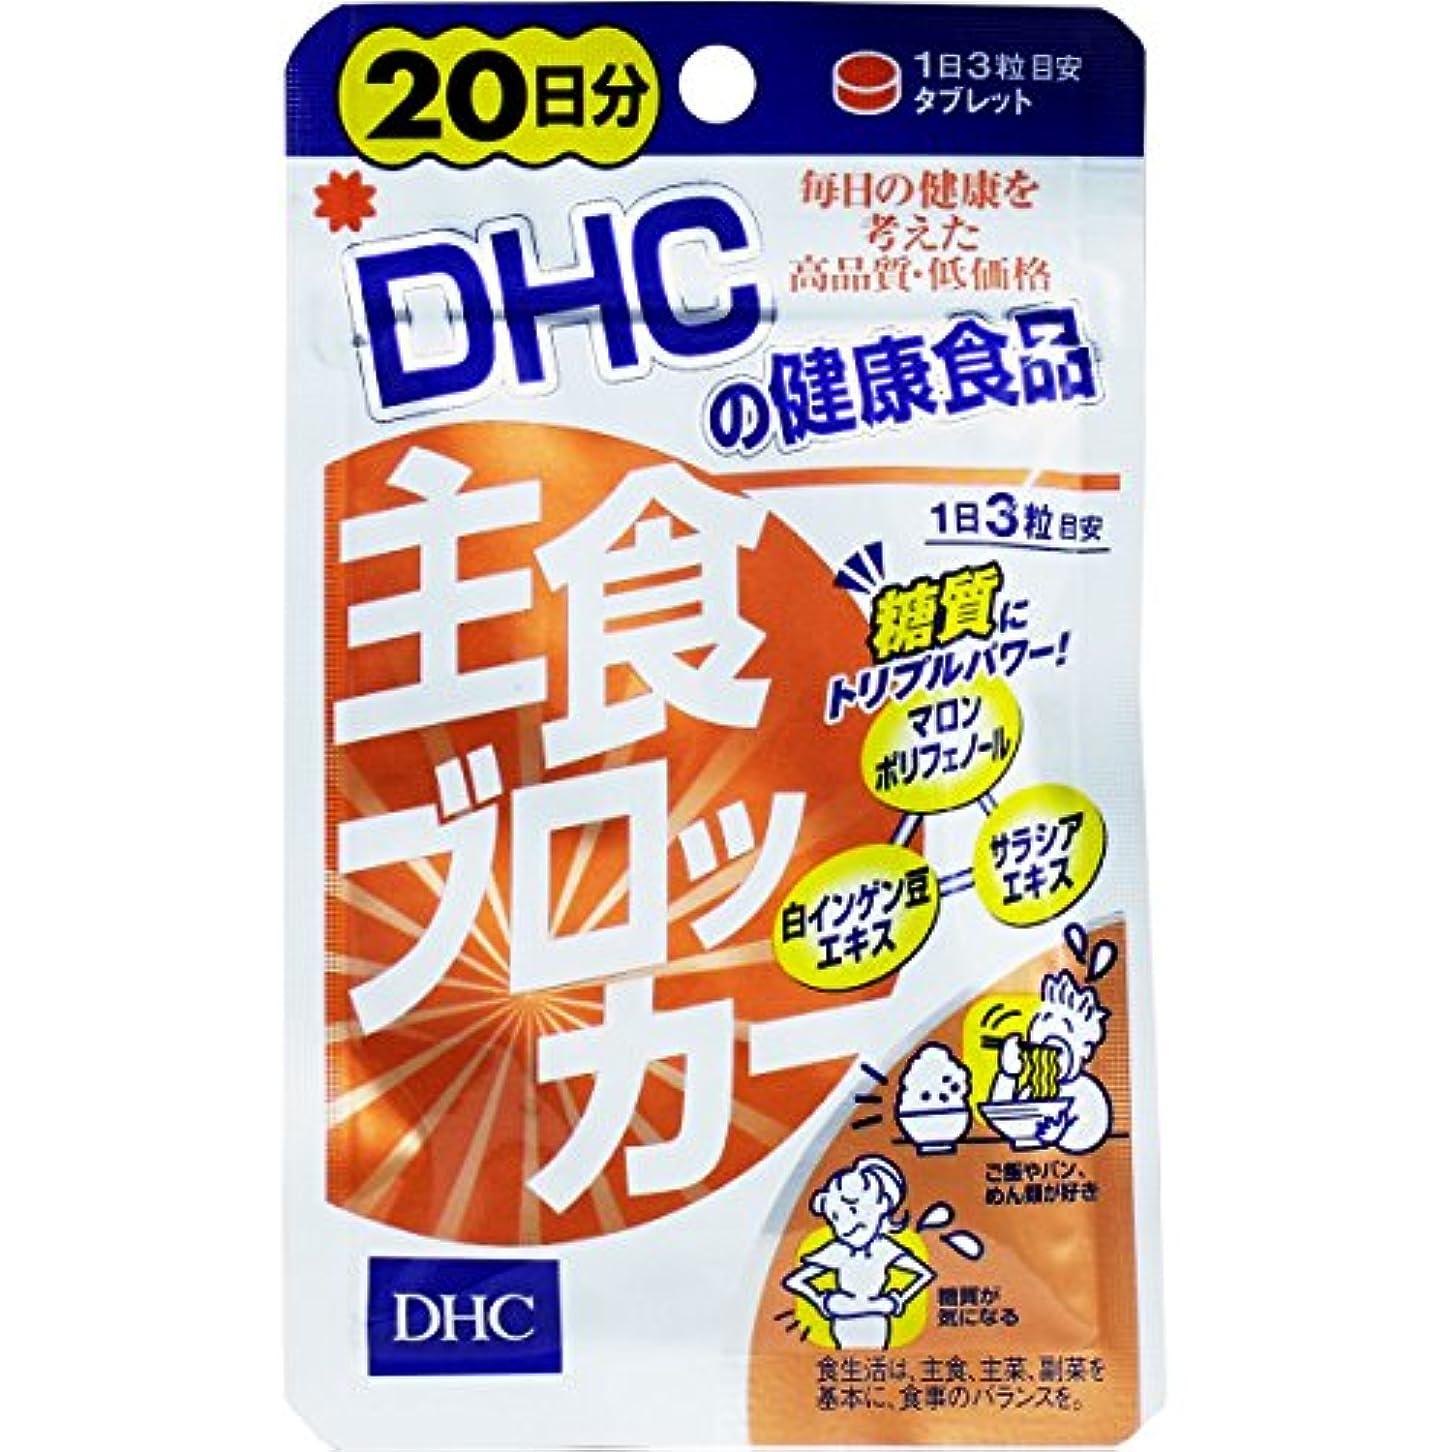 リズムレーザコースサプリ 主食好きさんの、健康とダイエットに 話題の DHC 主食ブロッカー 20日分 60粒入